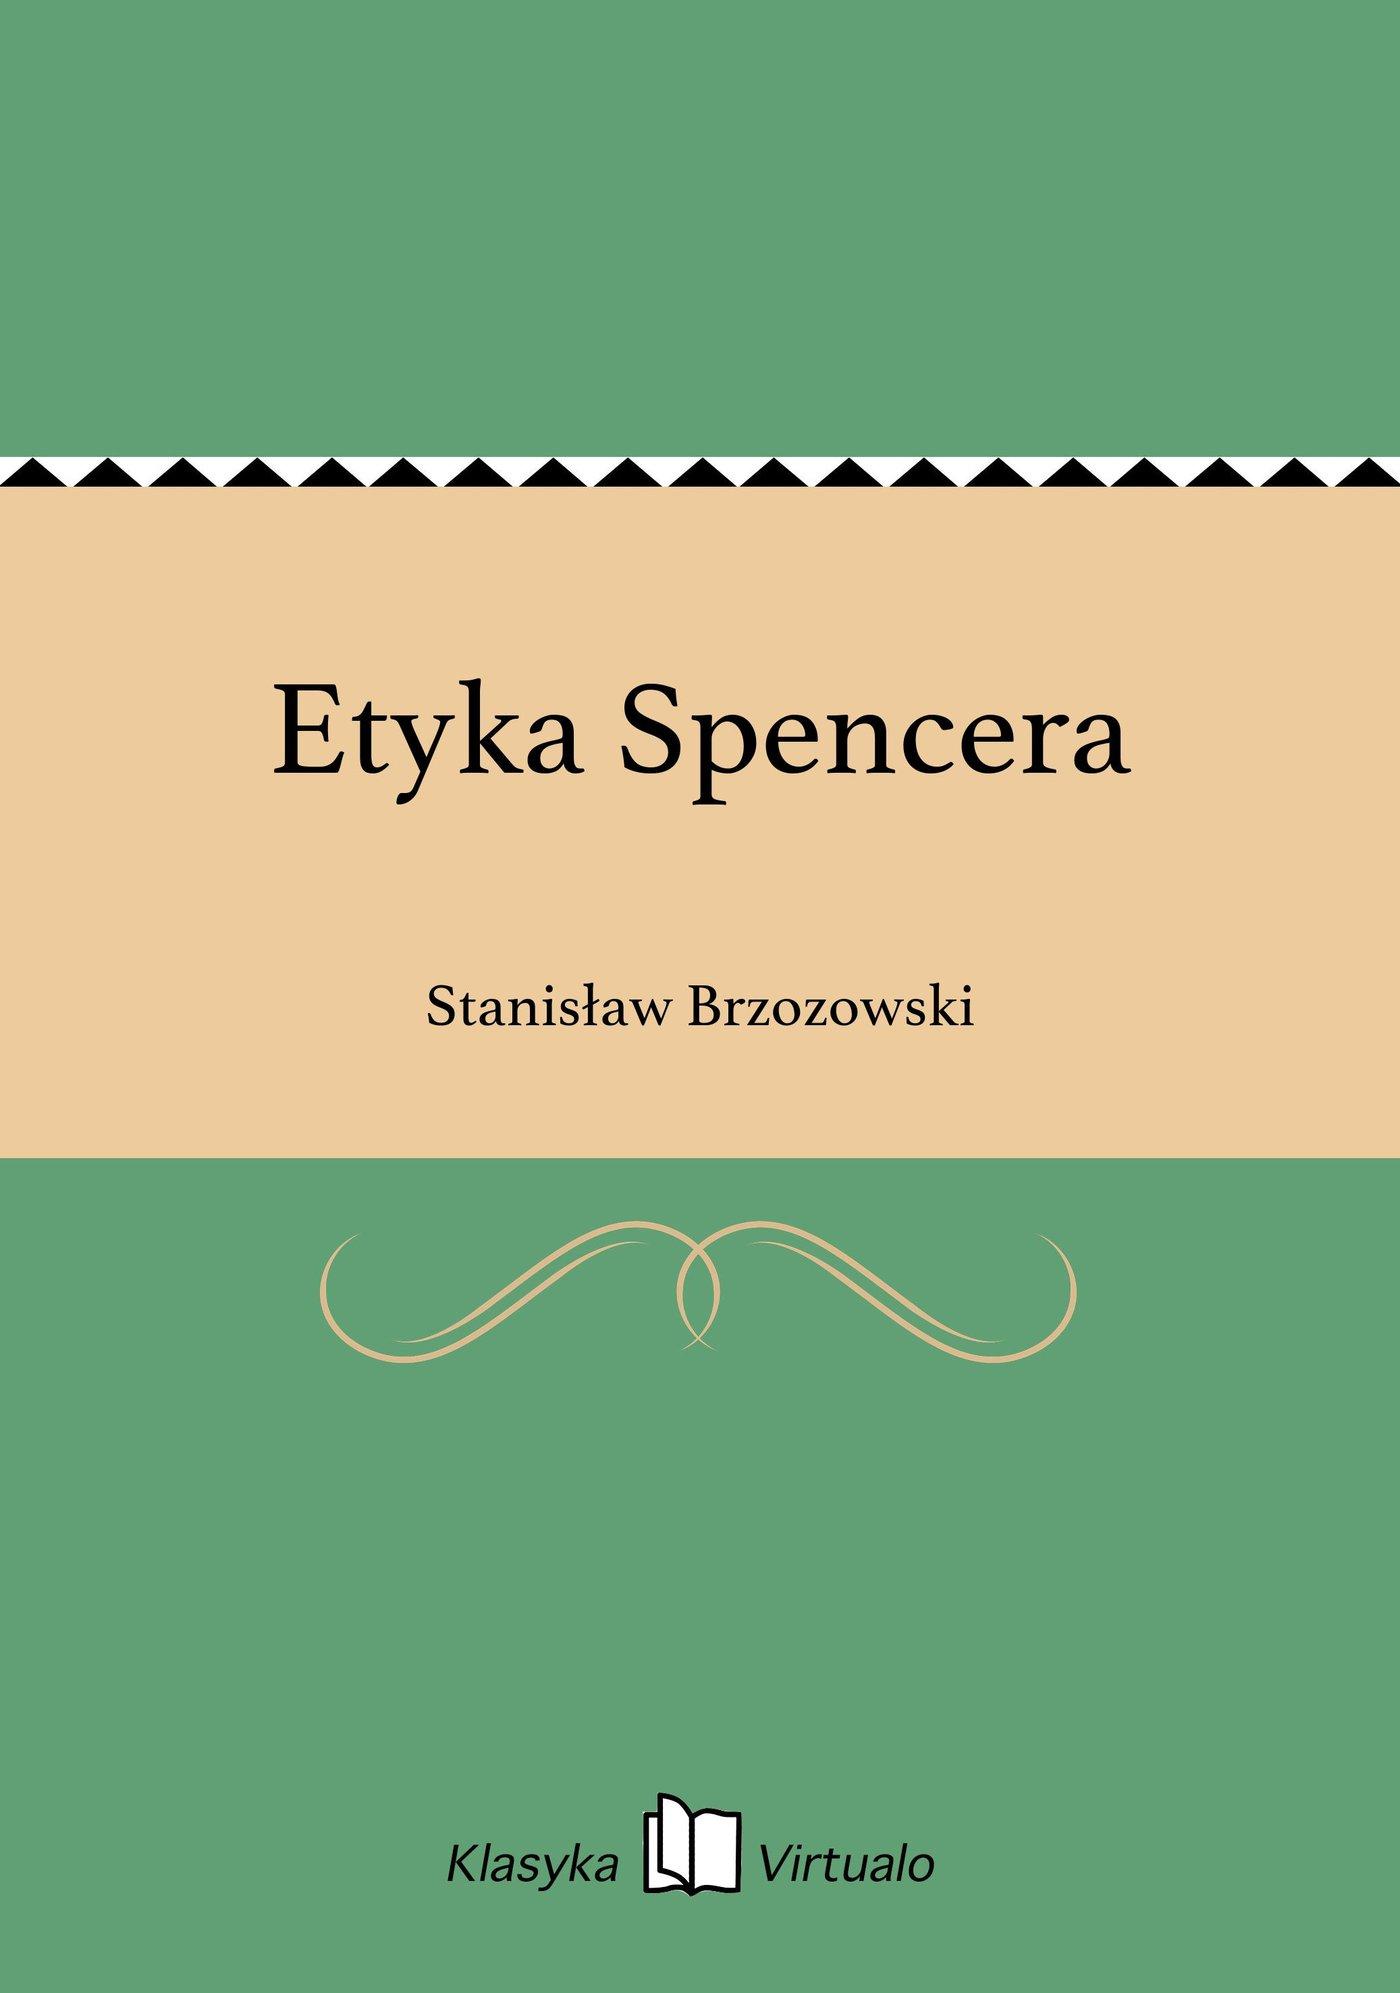 Etyka Spencera - Ebook (Książka EPUB) do pobrania w formacie EPUB